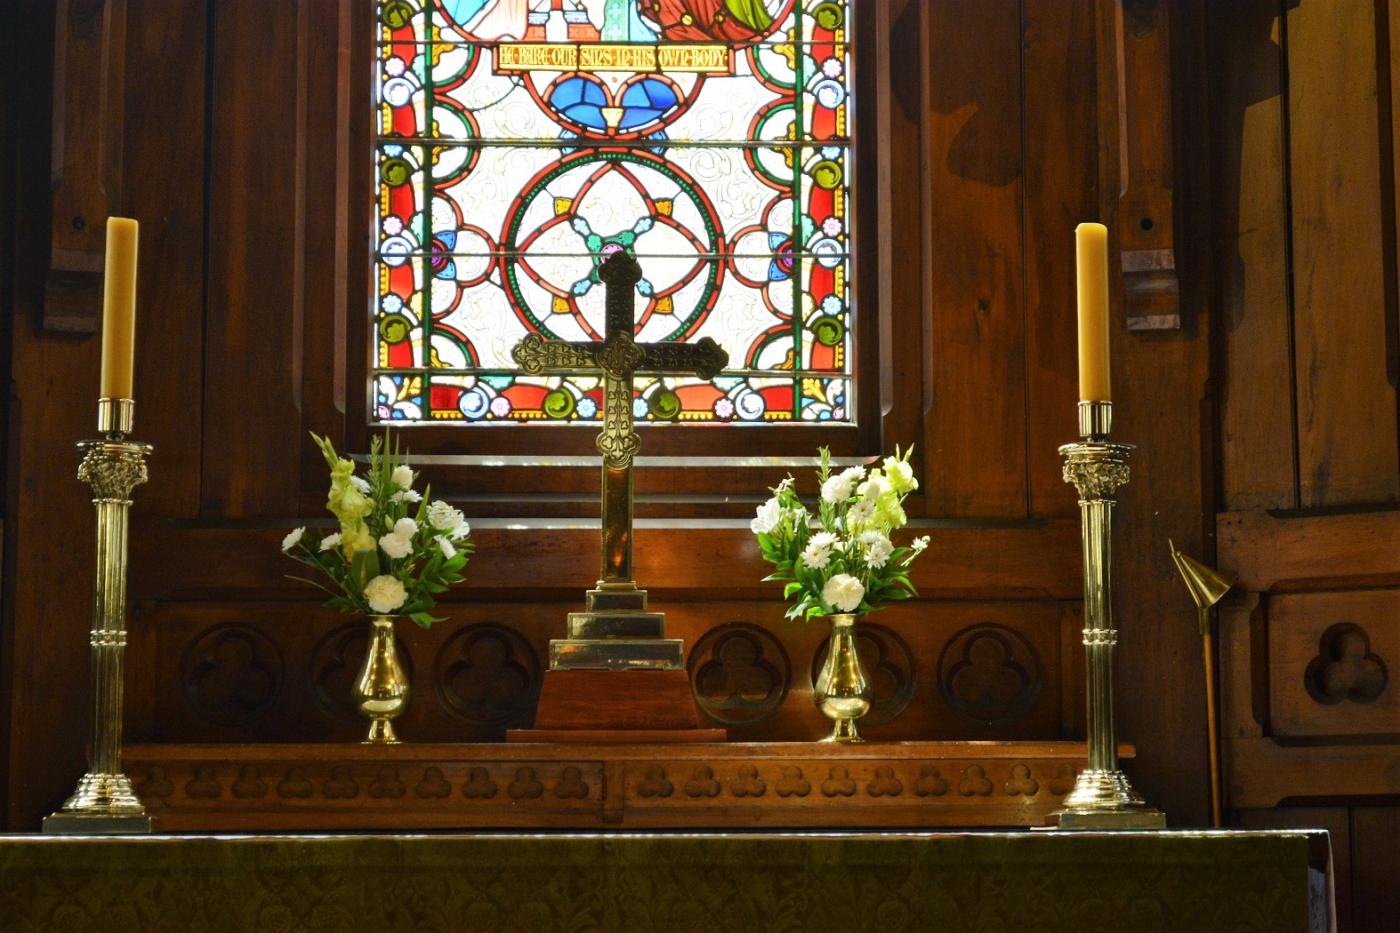 新西兰惠灵顿 Old St. Paul's 老圣保罗教堂_图1-4